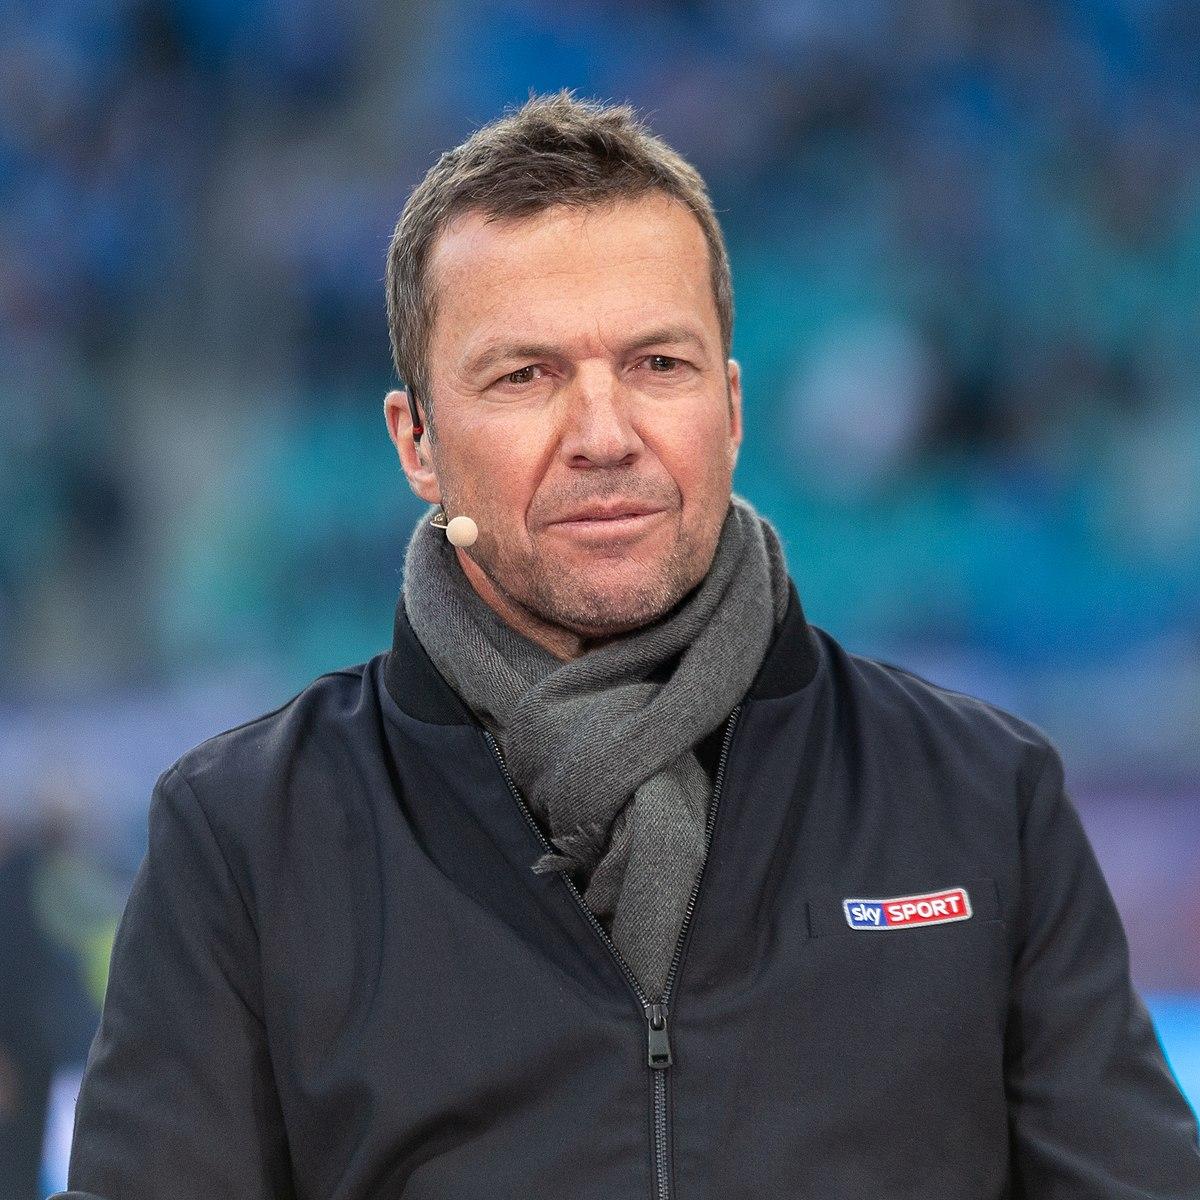 Lothar Matthäus - Lothar Matthäus - qaz.wiki